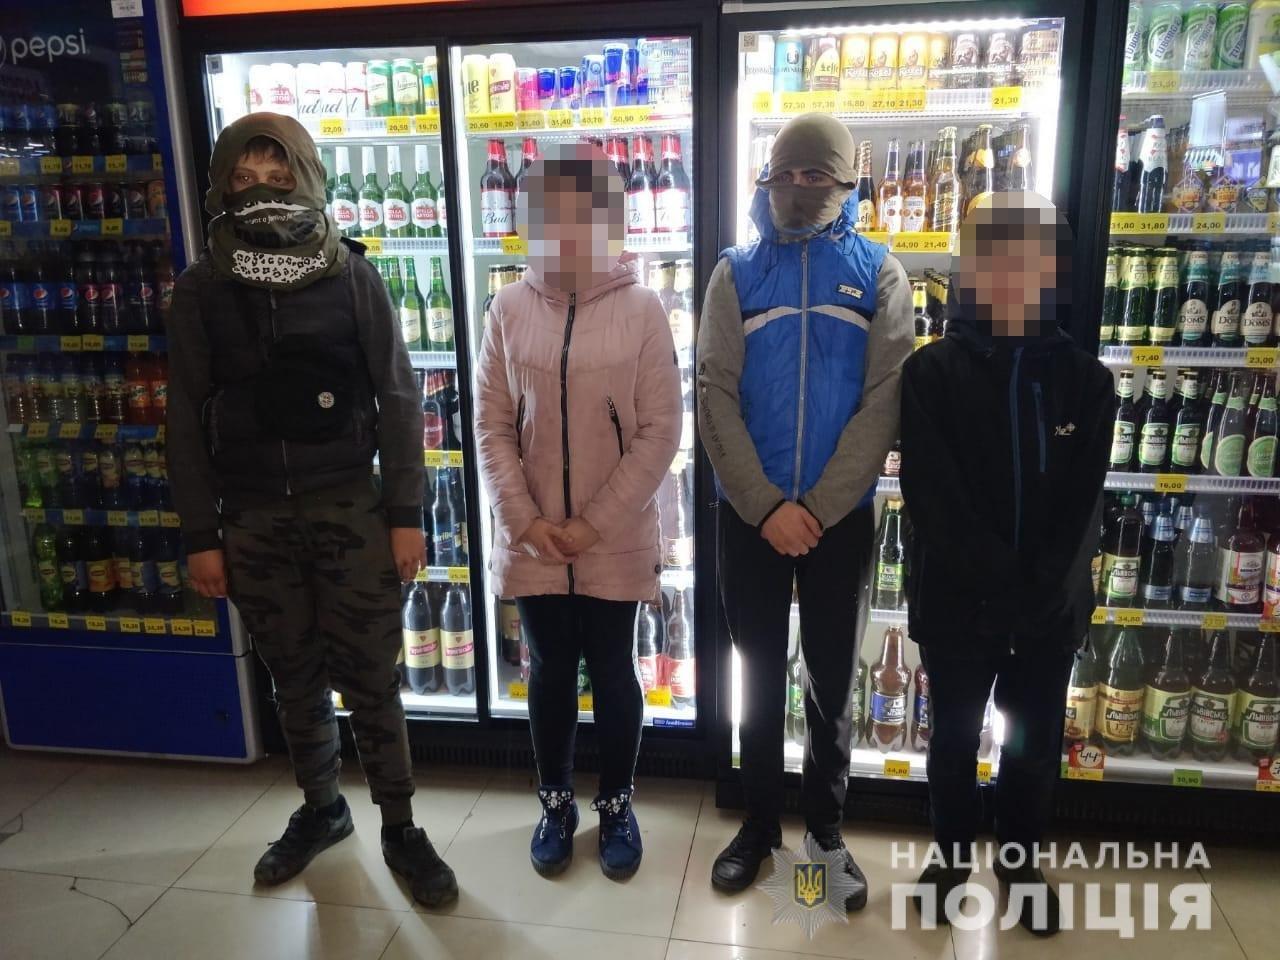 Украли деньги и сигареты: в Харькове четверо подростков проникли в киоск, - ФОТО, фото-1